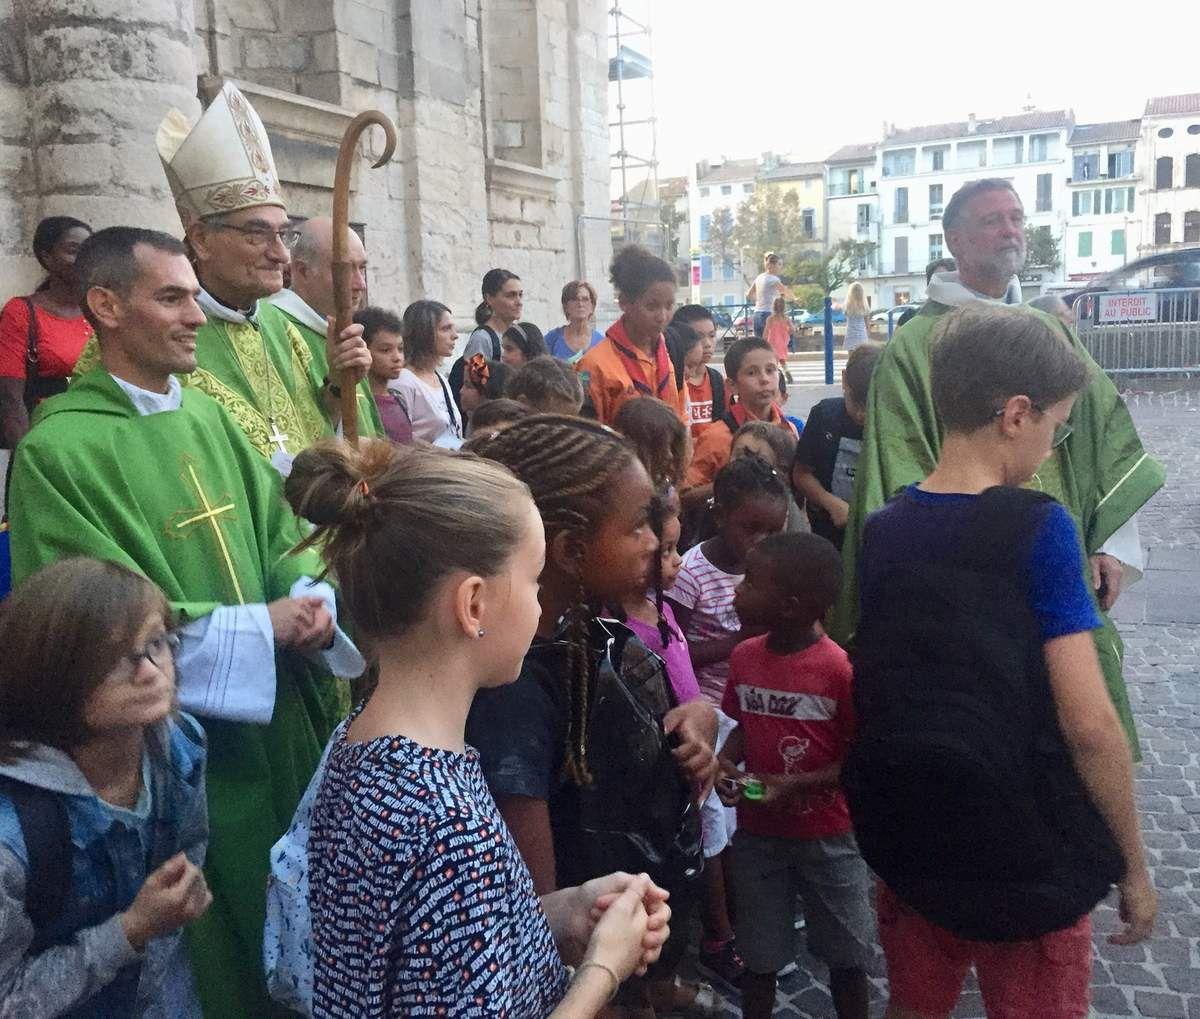 Remise des clefs par Mgr Dufour, remise de la Parole de Dieu, Bénédiction des cartables, belle cérémonie dans une église comble !